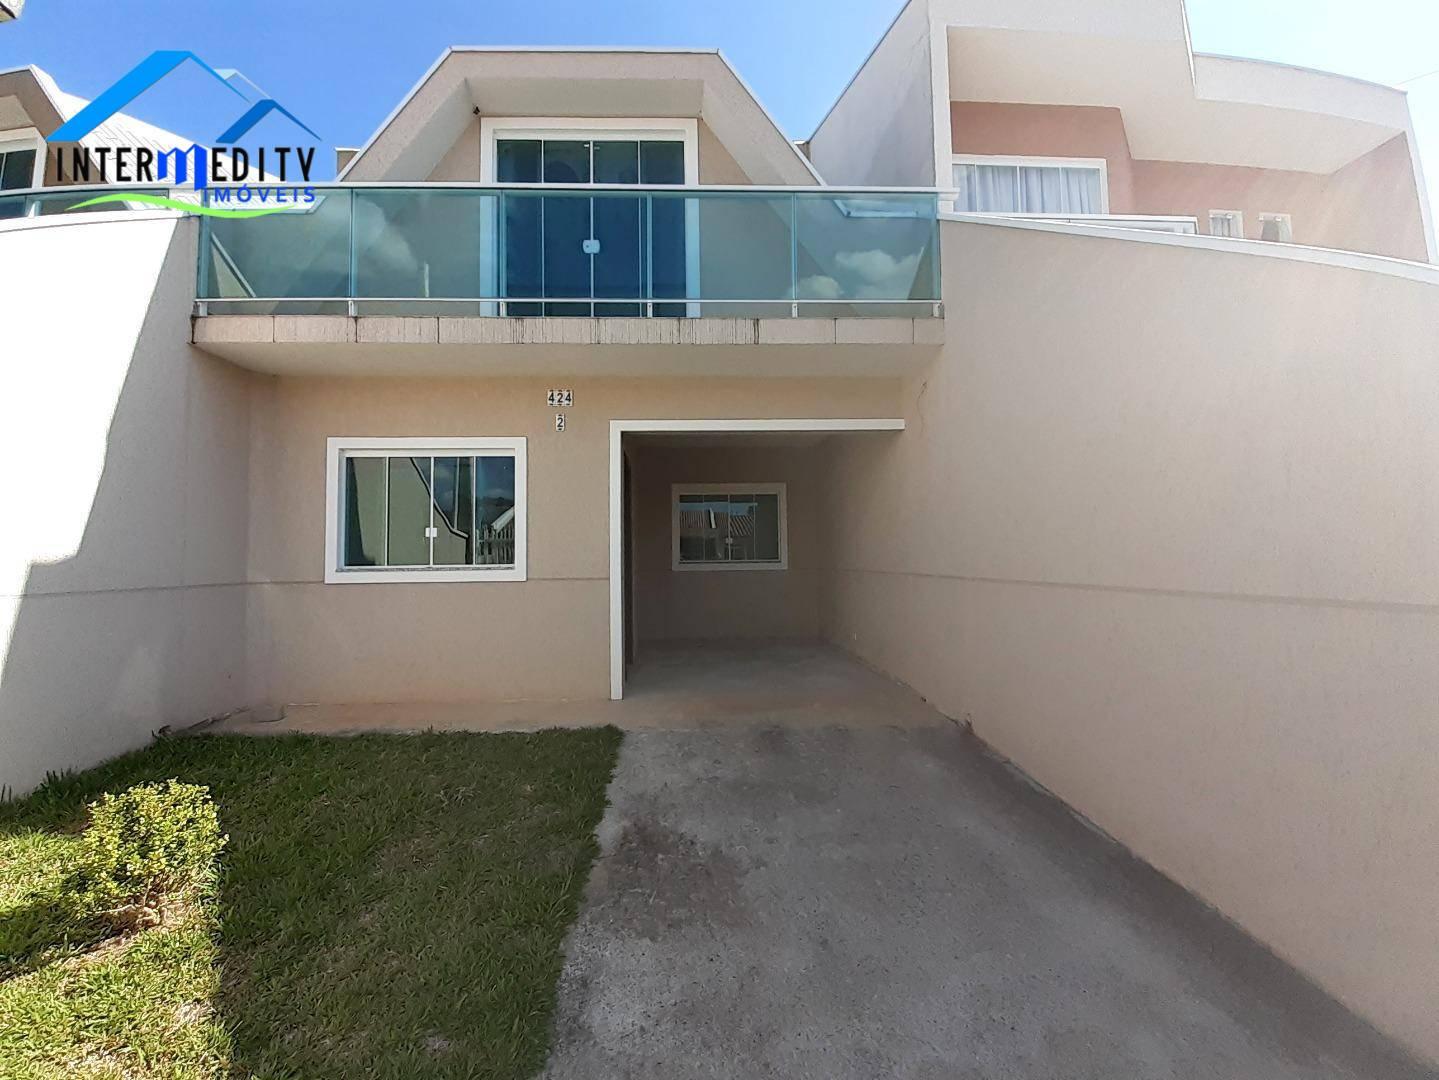 Sobrado com 3 dormitórios à venda, 107 m² por R$ 230.000,00 - Eucaliptos - Fazenda Rio Grande/PR